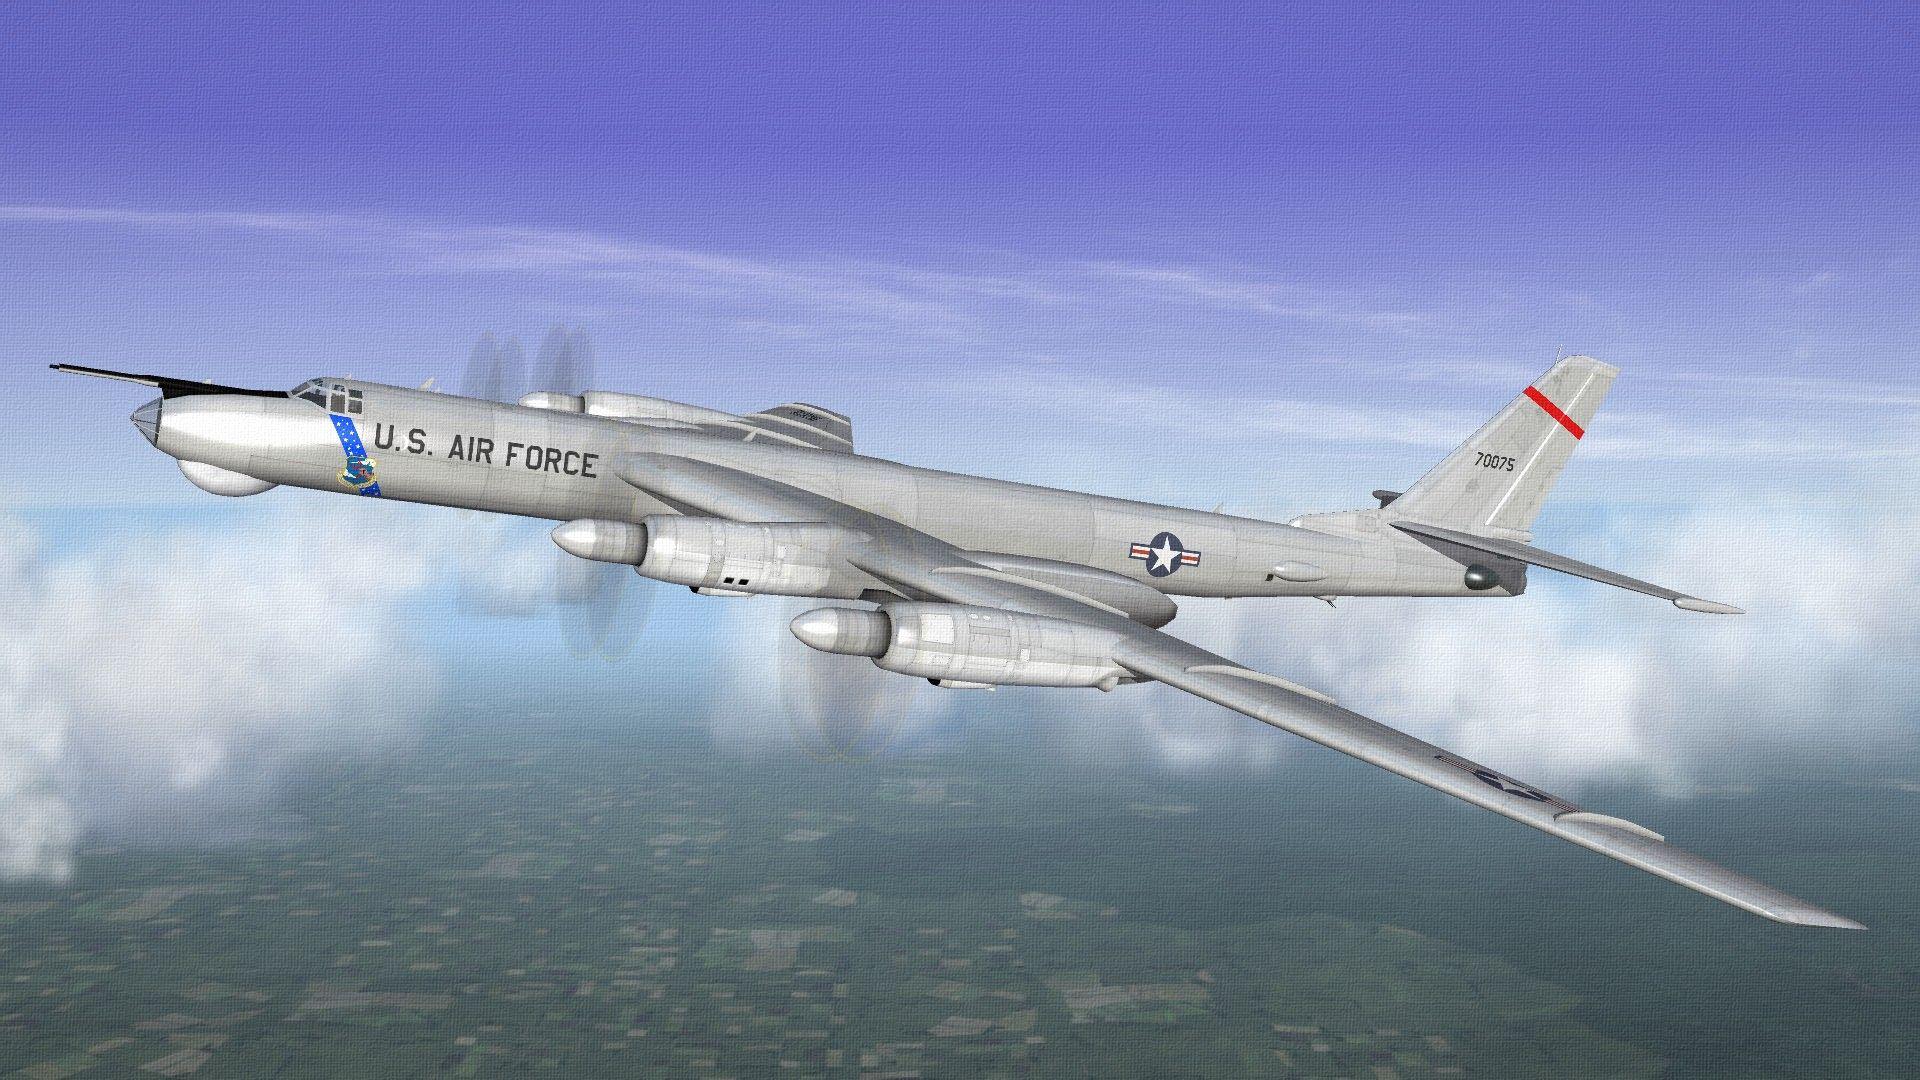 USAFRB-55DSTRATOSTRIKE04_zps2d987ca9.jpg